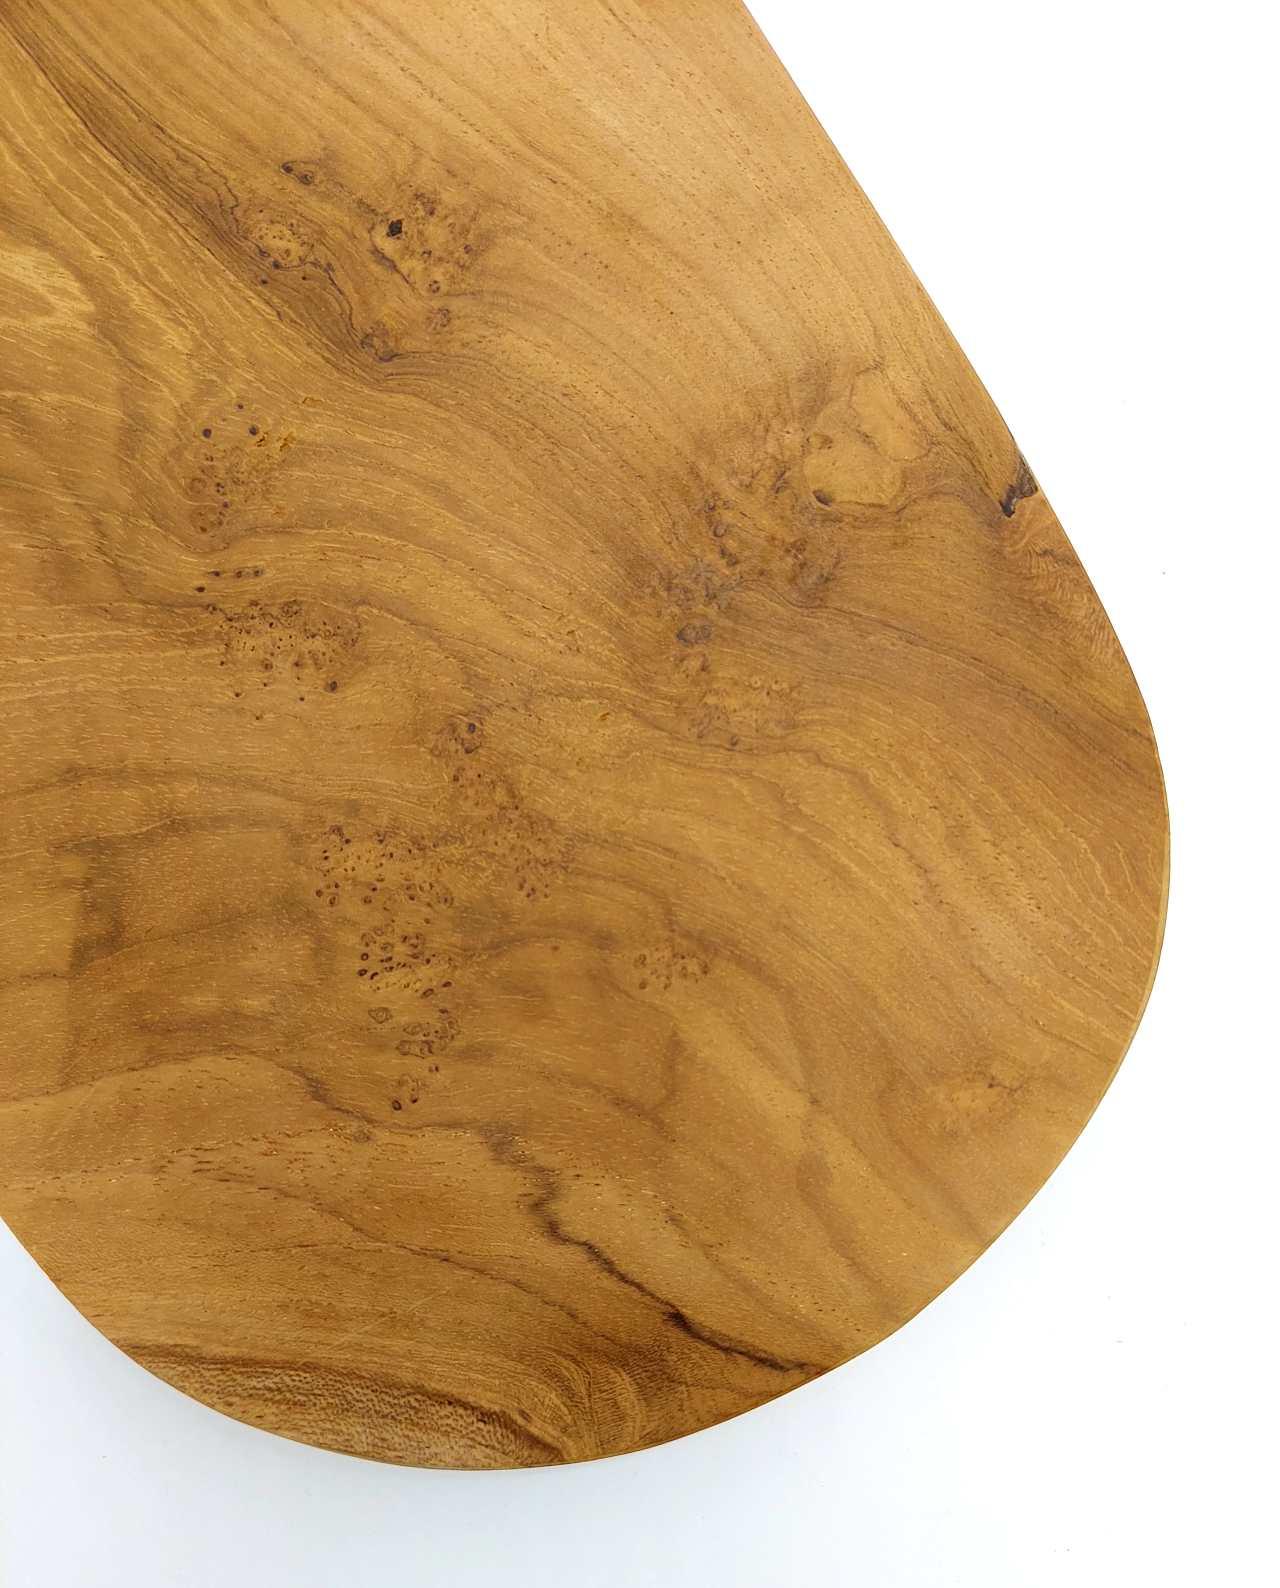 Teak Wood Cutting Board Length 32 cm